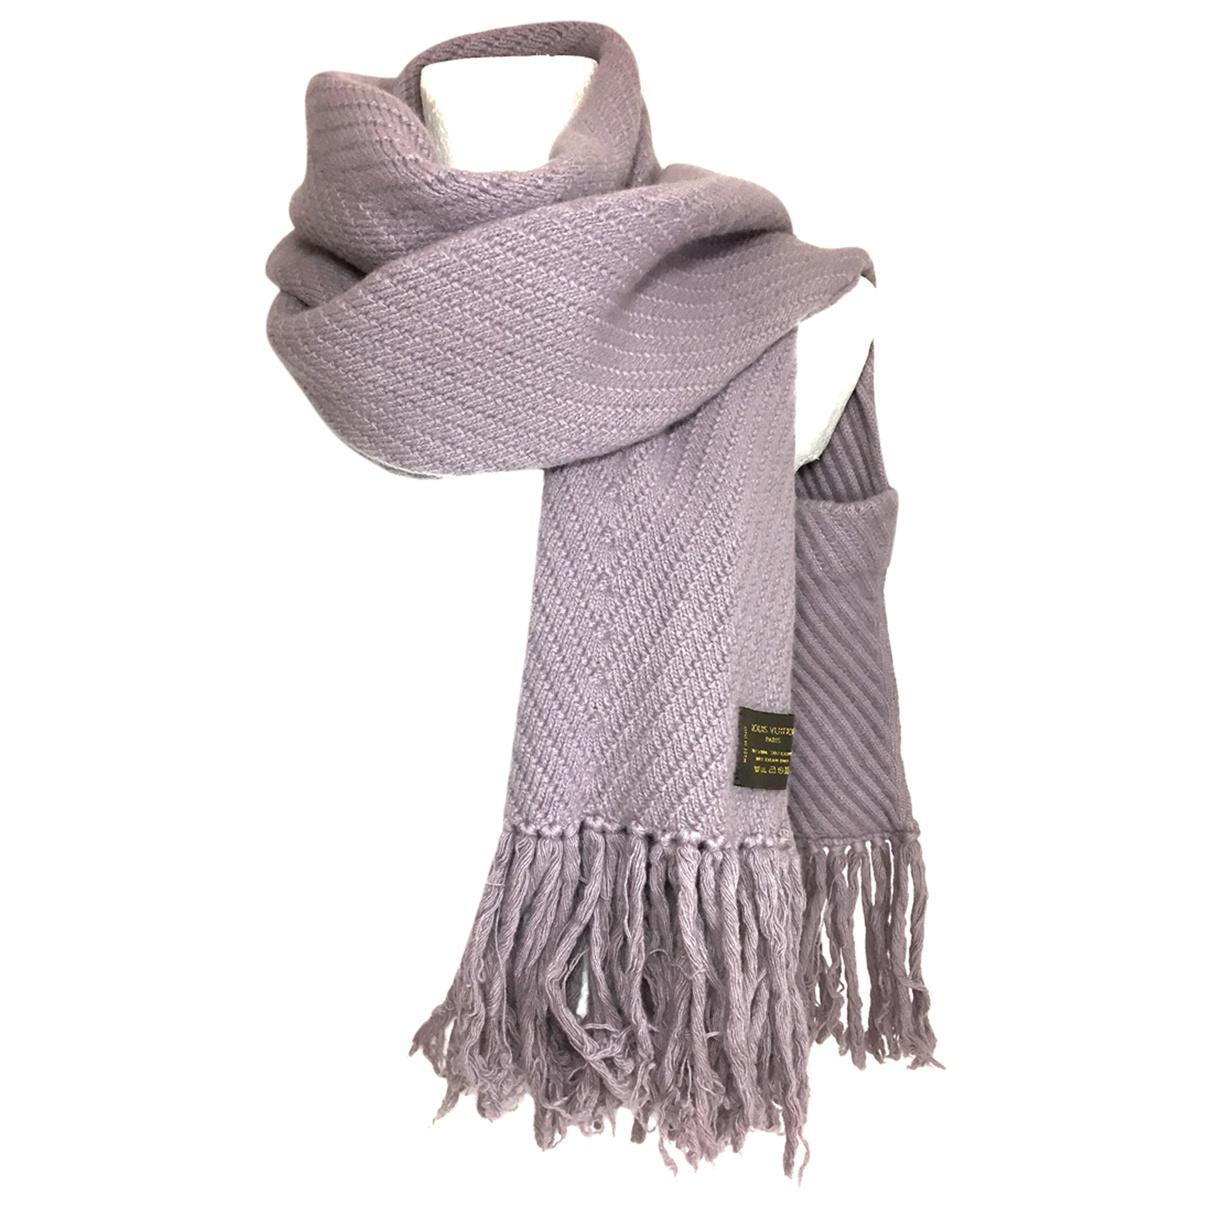 d1f7fa8c4838 Lyst - Echarpe en laine Louis Vuitton en coloris Violet